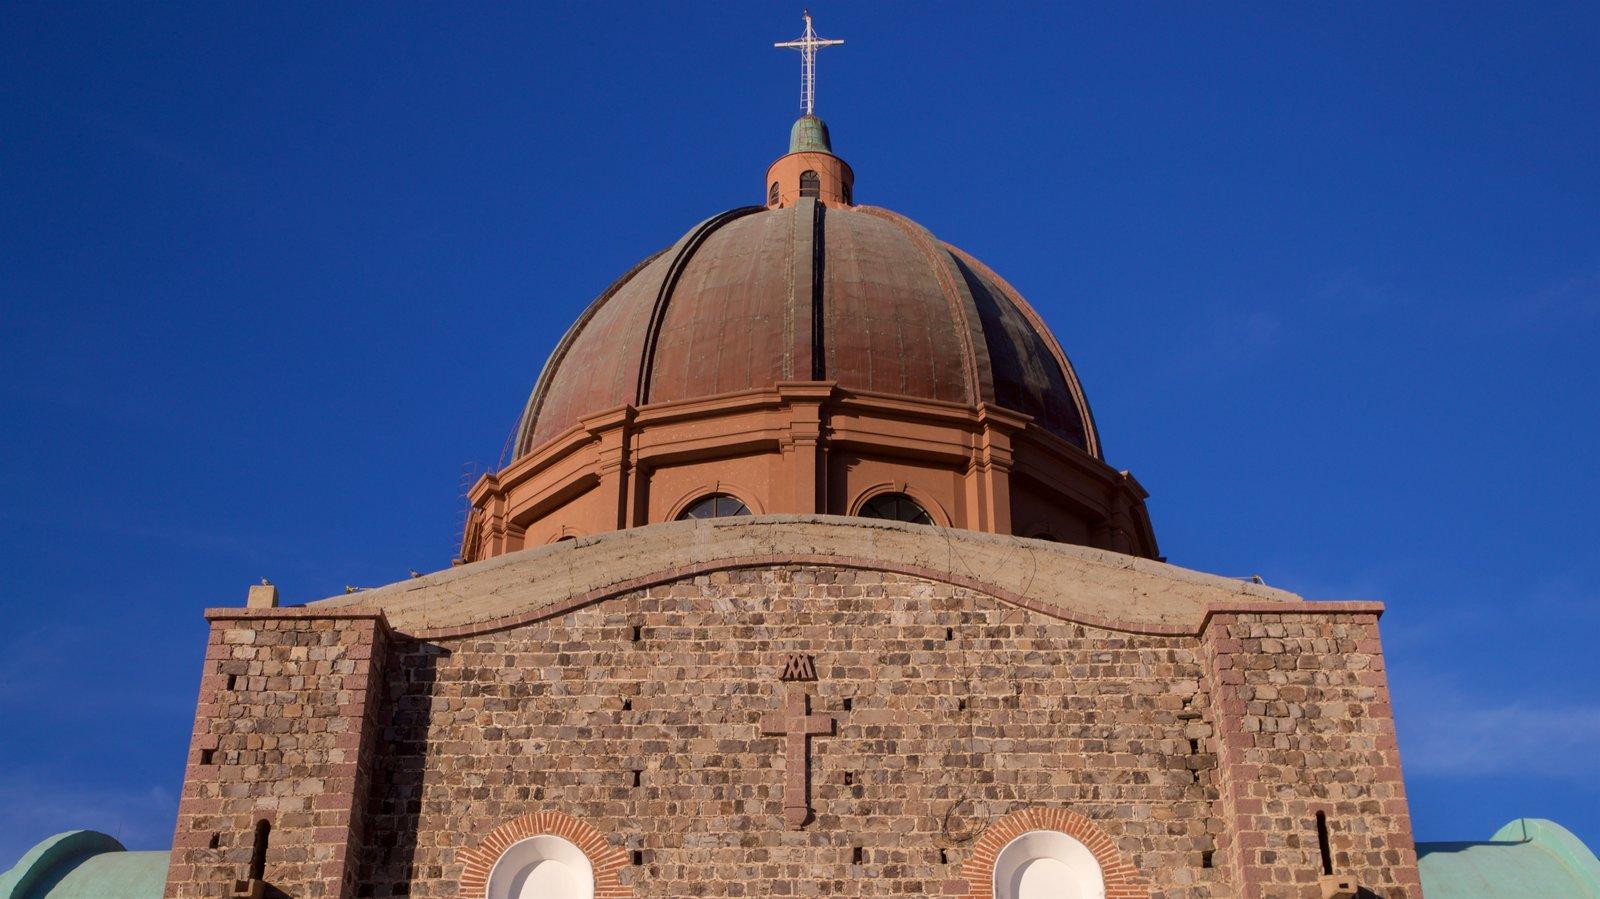 Santuario de la Virgen de Guadalupe mostrando una iglesia o catedral y elementos del patrimonio